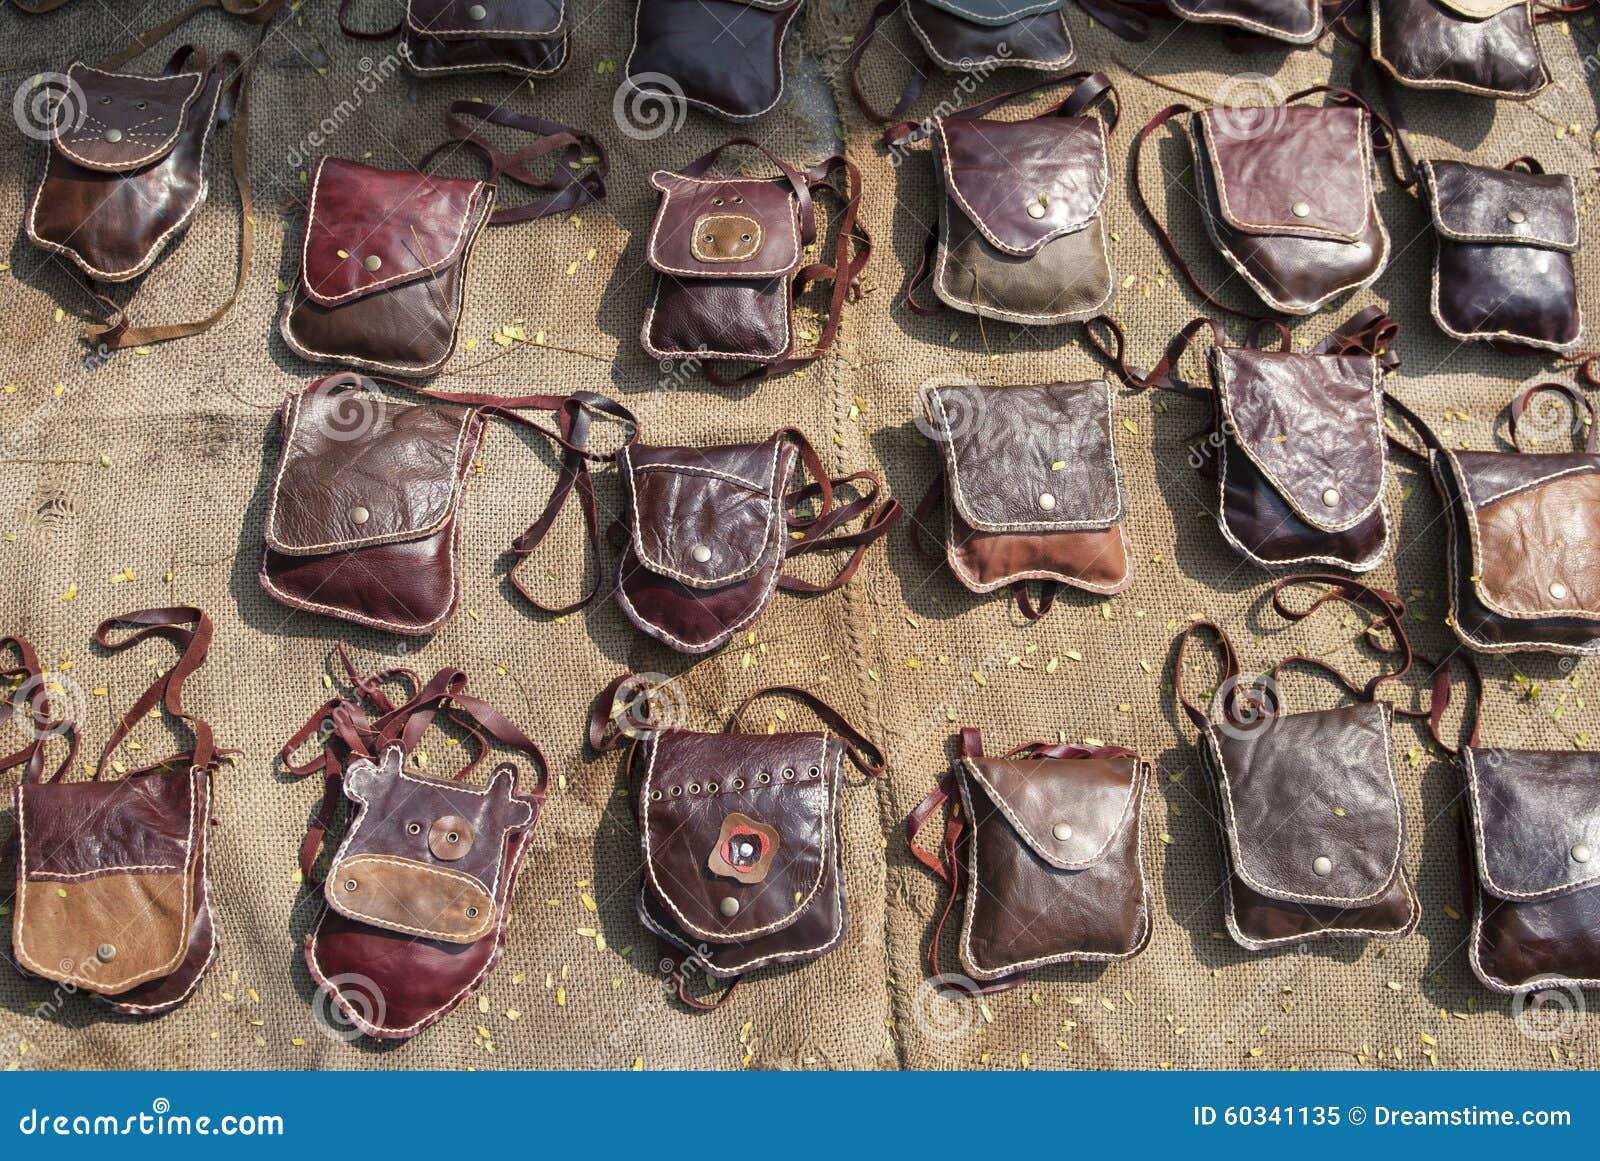 aab3cb8a4 Coleção de bolsas de couro feitos a mão na tenda no bazar, acessórios  femininos